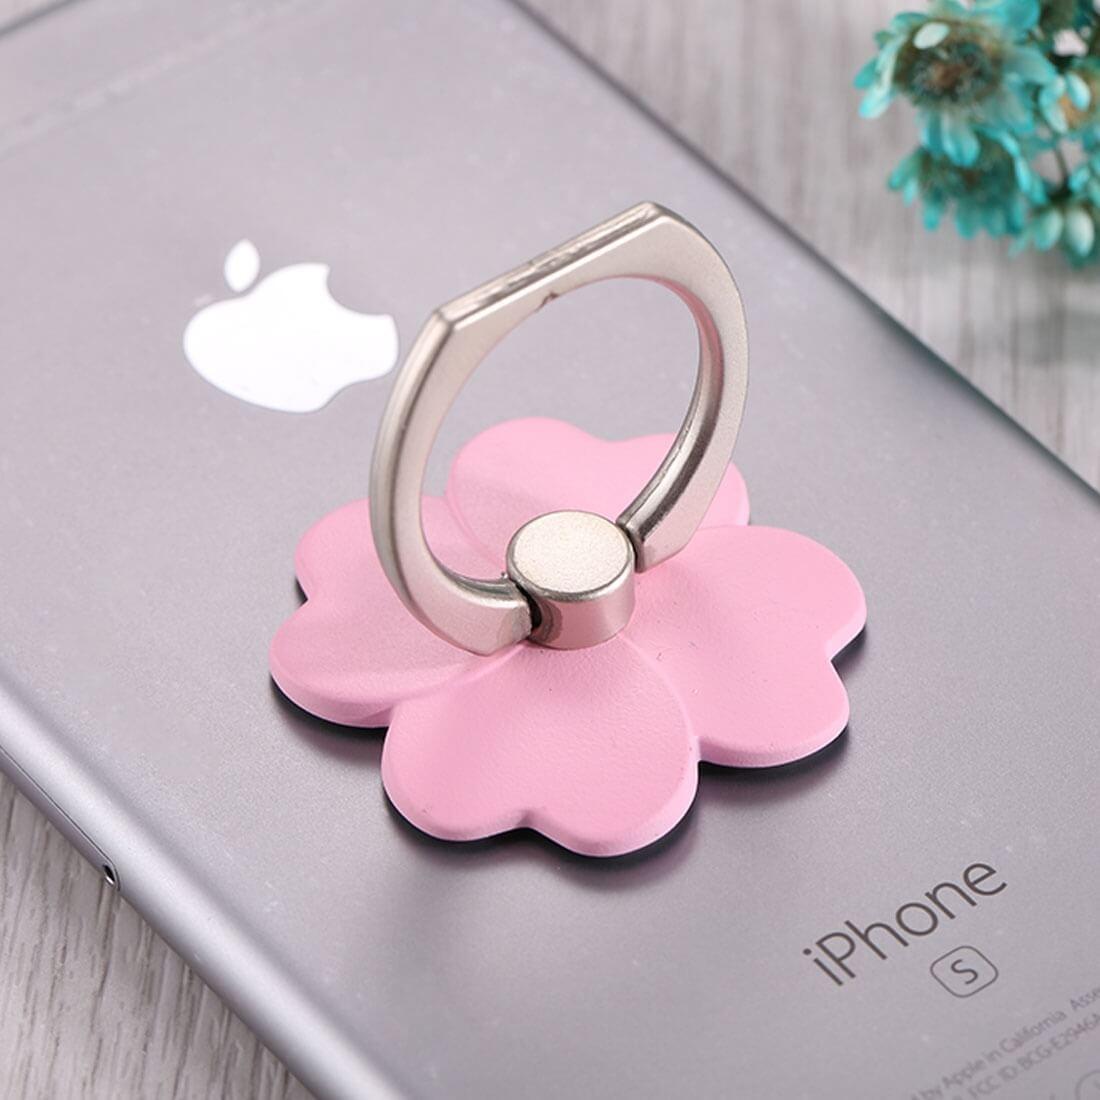 FLOWER Kovový držák / stojan na telefon růžový